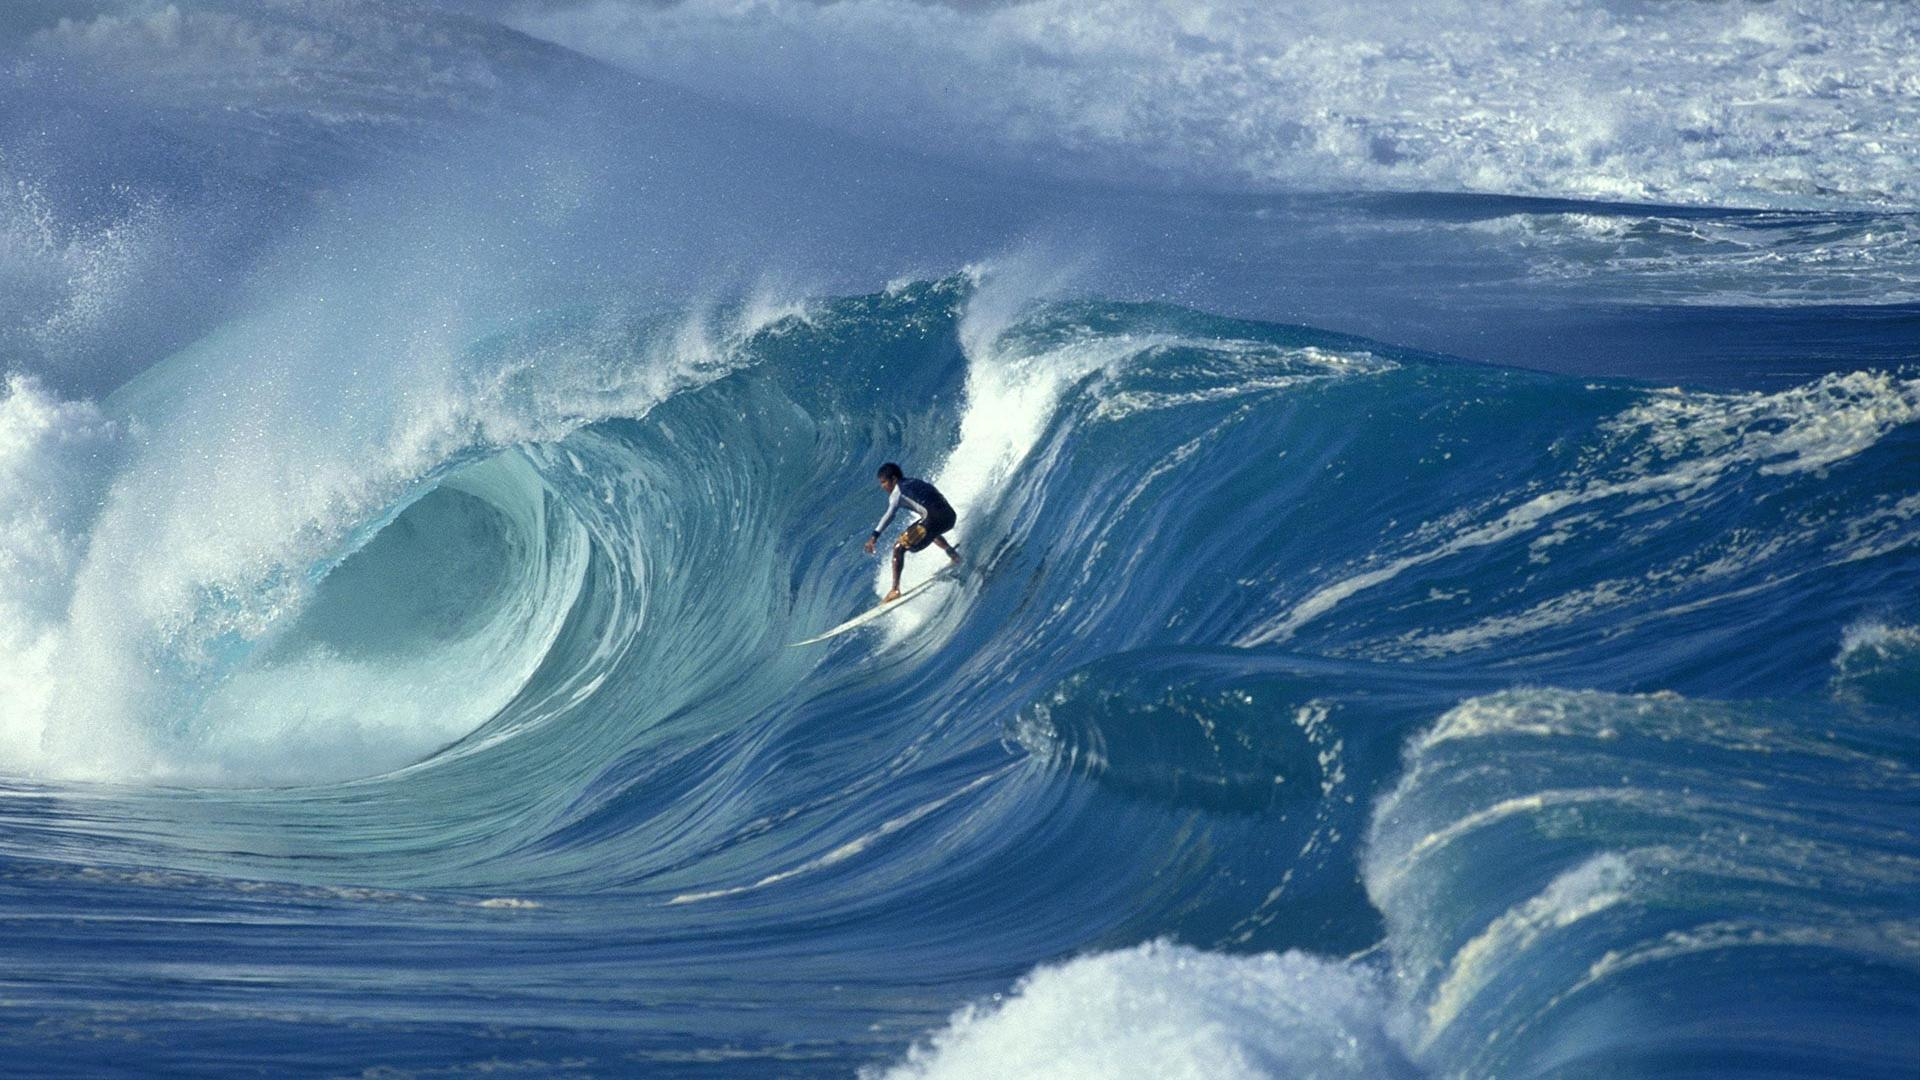 Wave Desktop Backgrounds wallpaper Ocean Wave Desktop Backgrounds hd 1920x1080